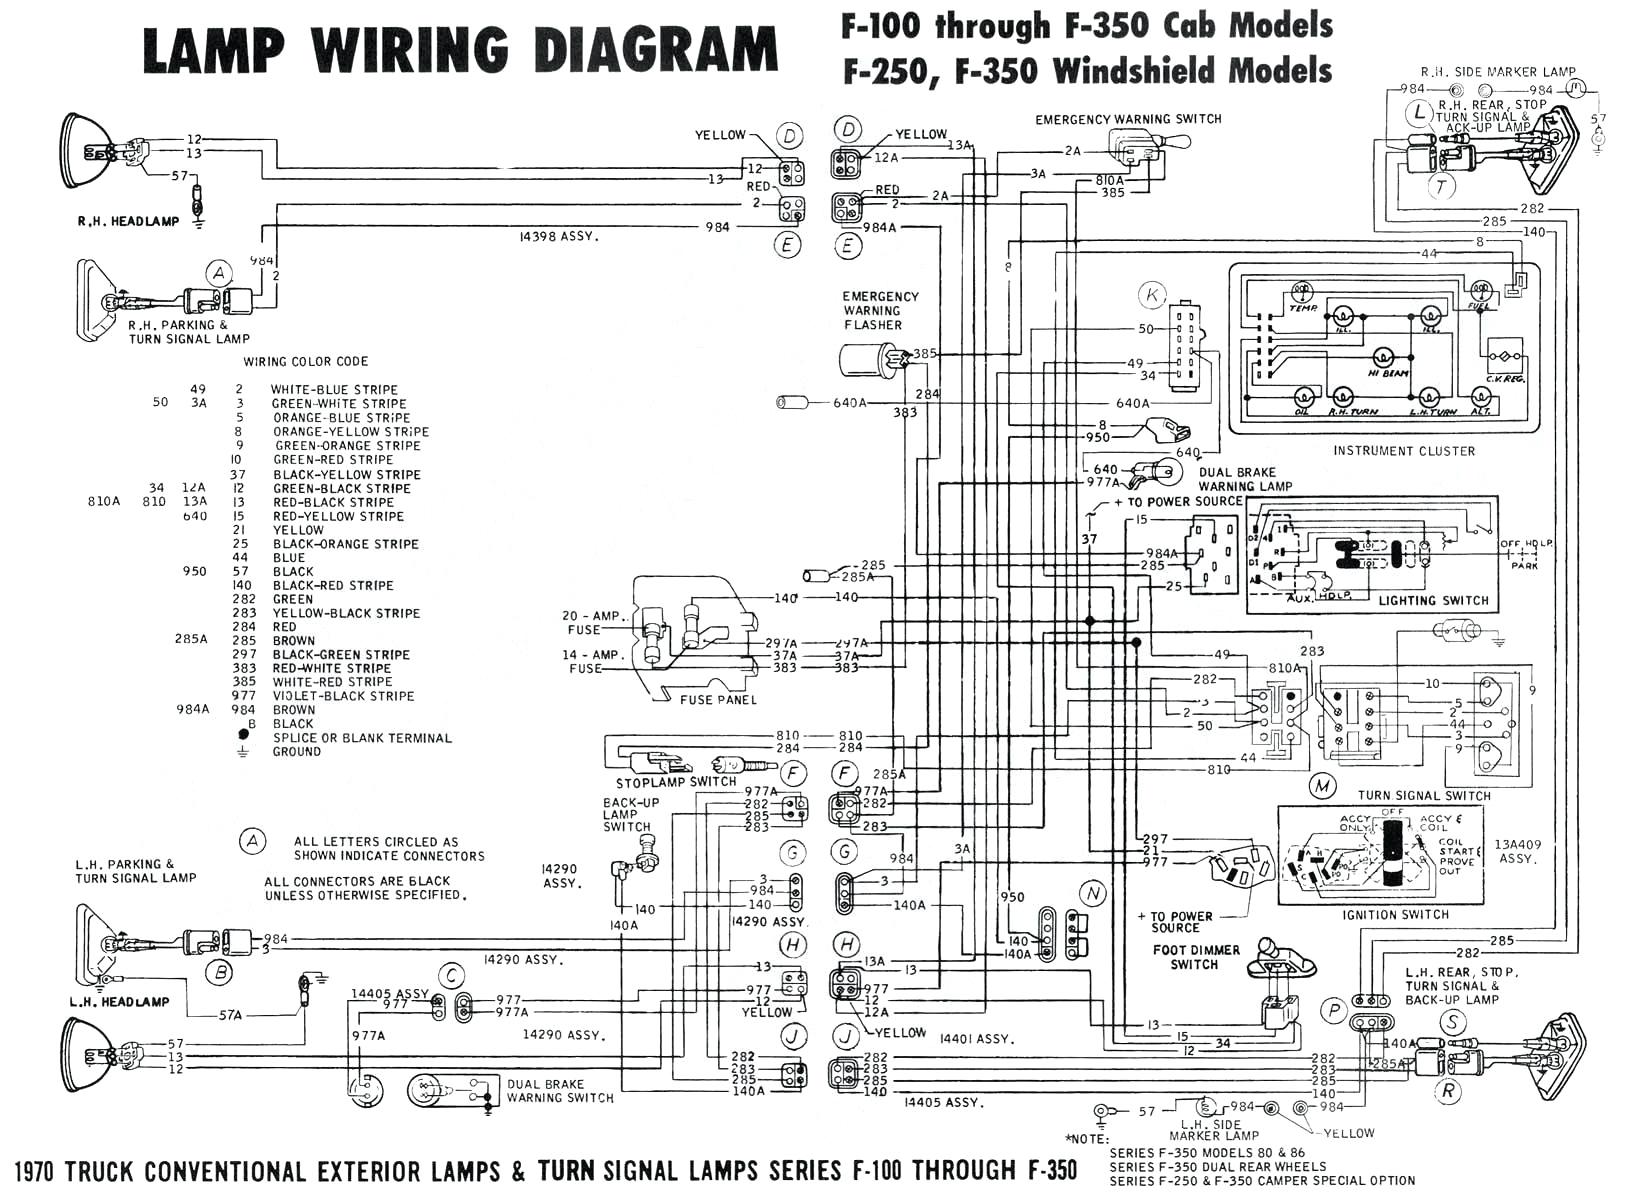 vectrax lathe control wiring schematic 2006 new wiring diagram sea pro wiring schematics